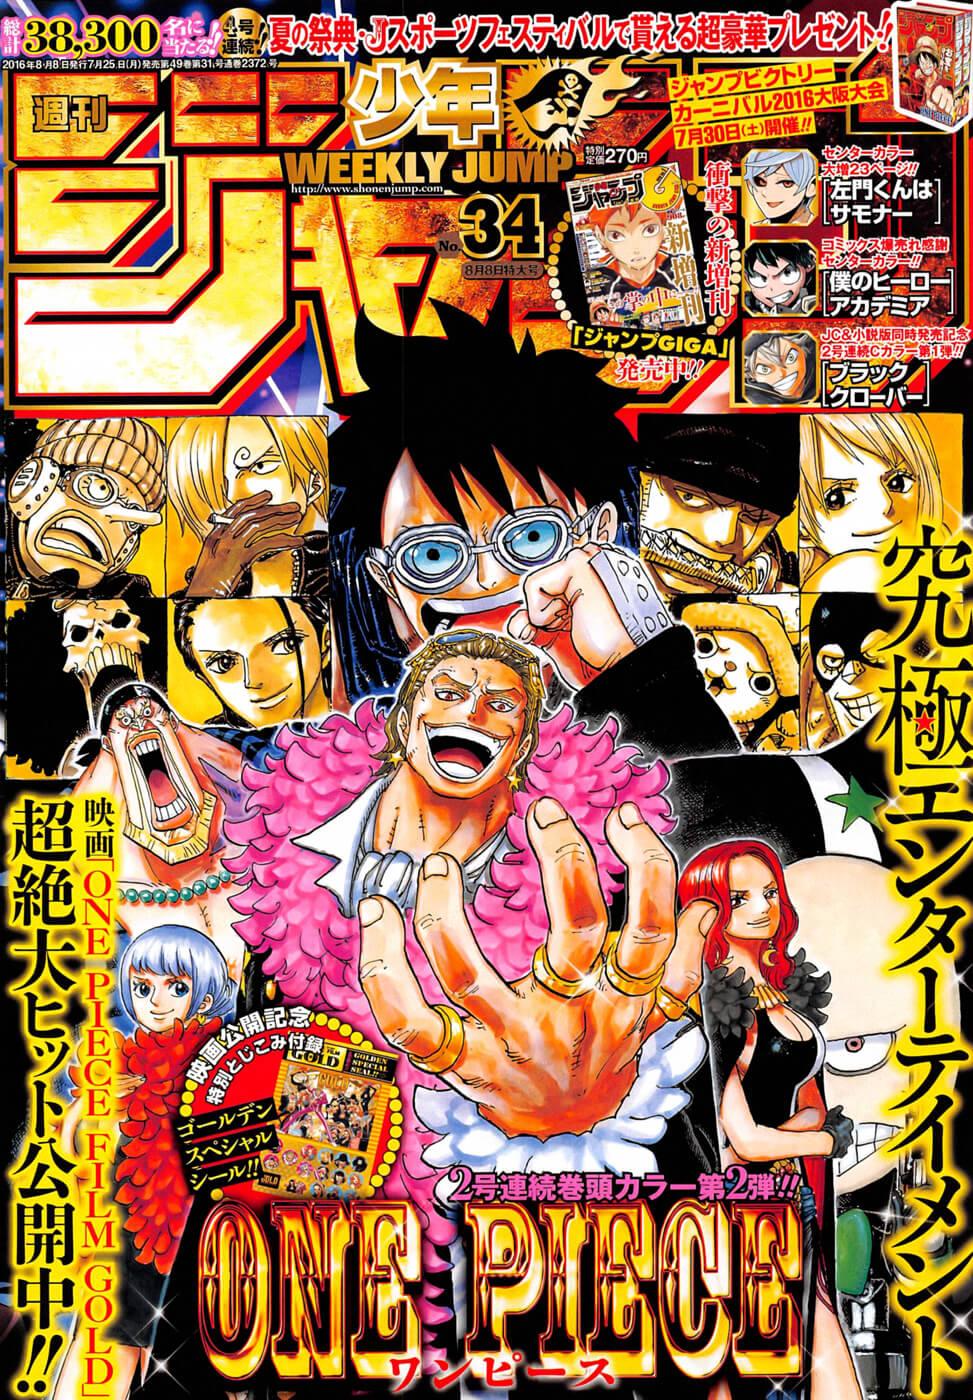 ون بيس 833, One Piece 833